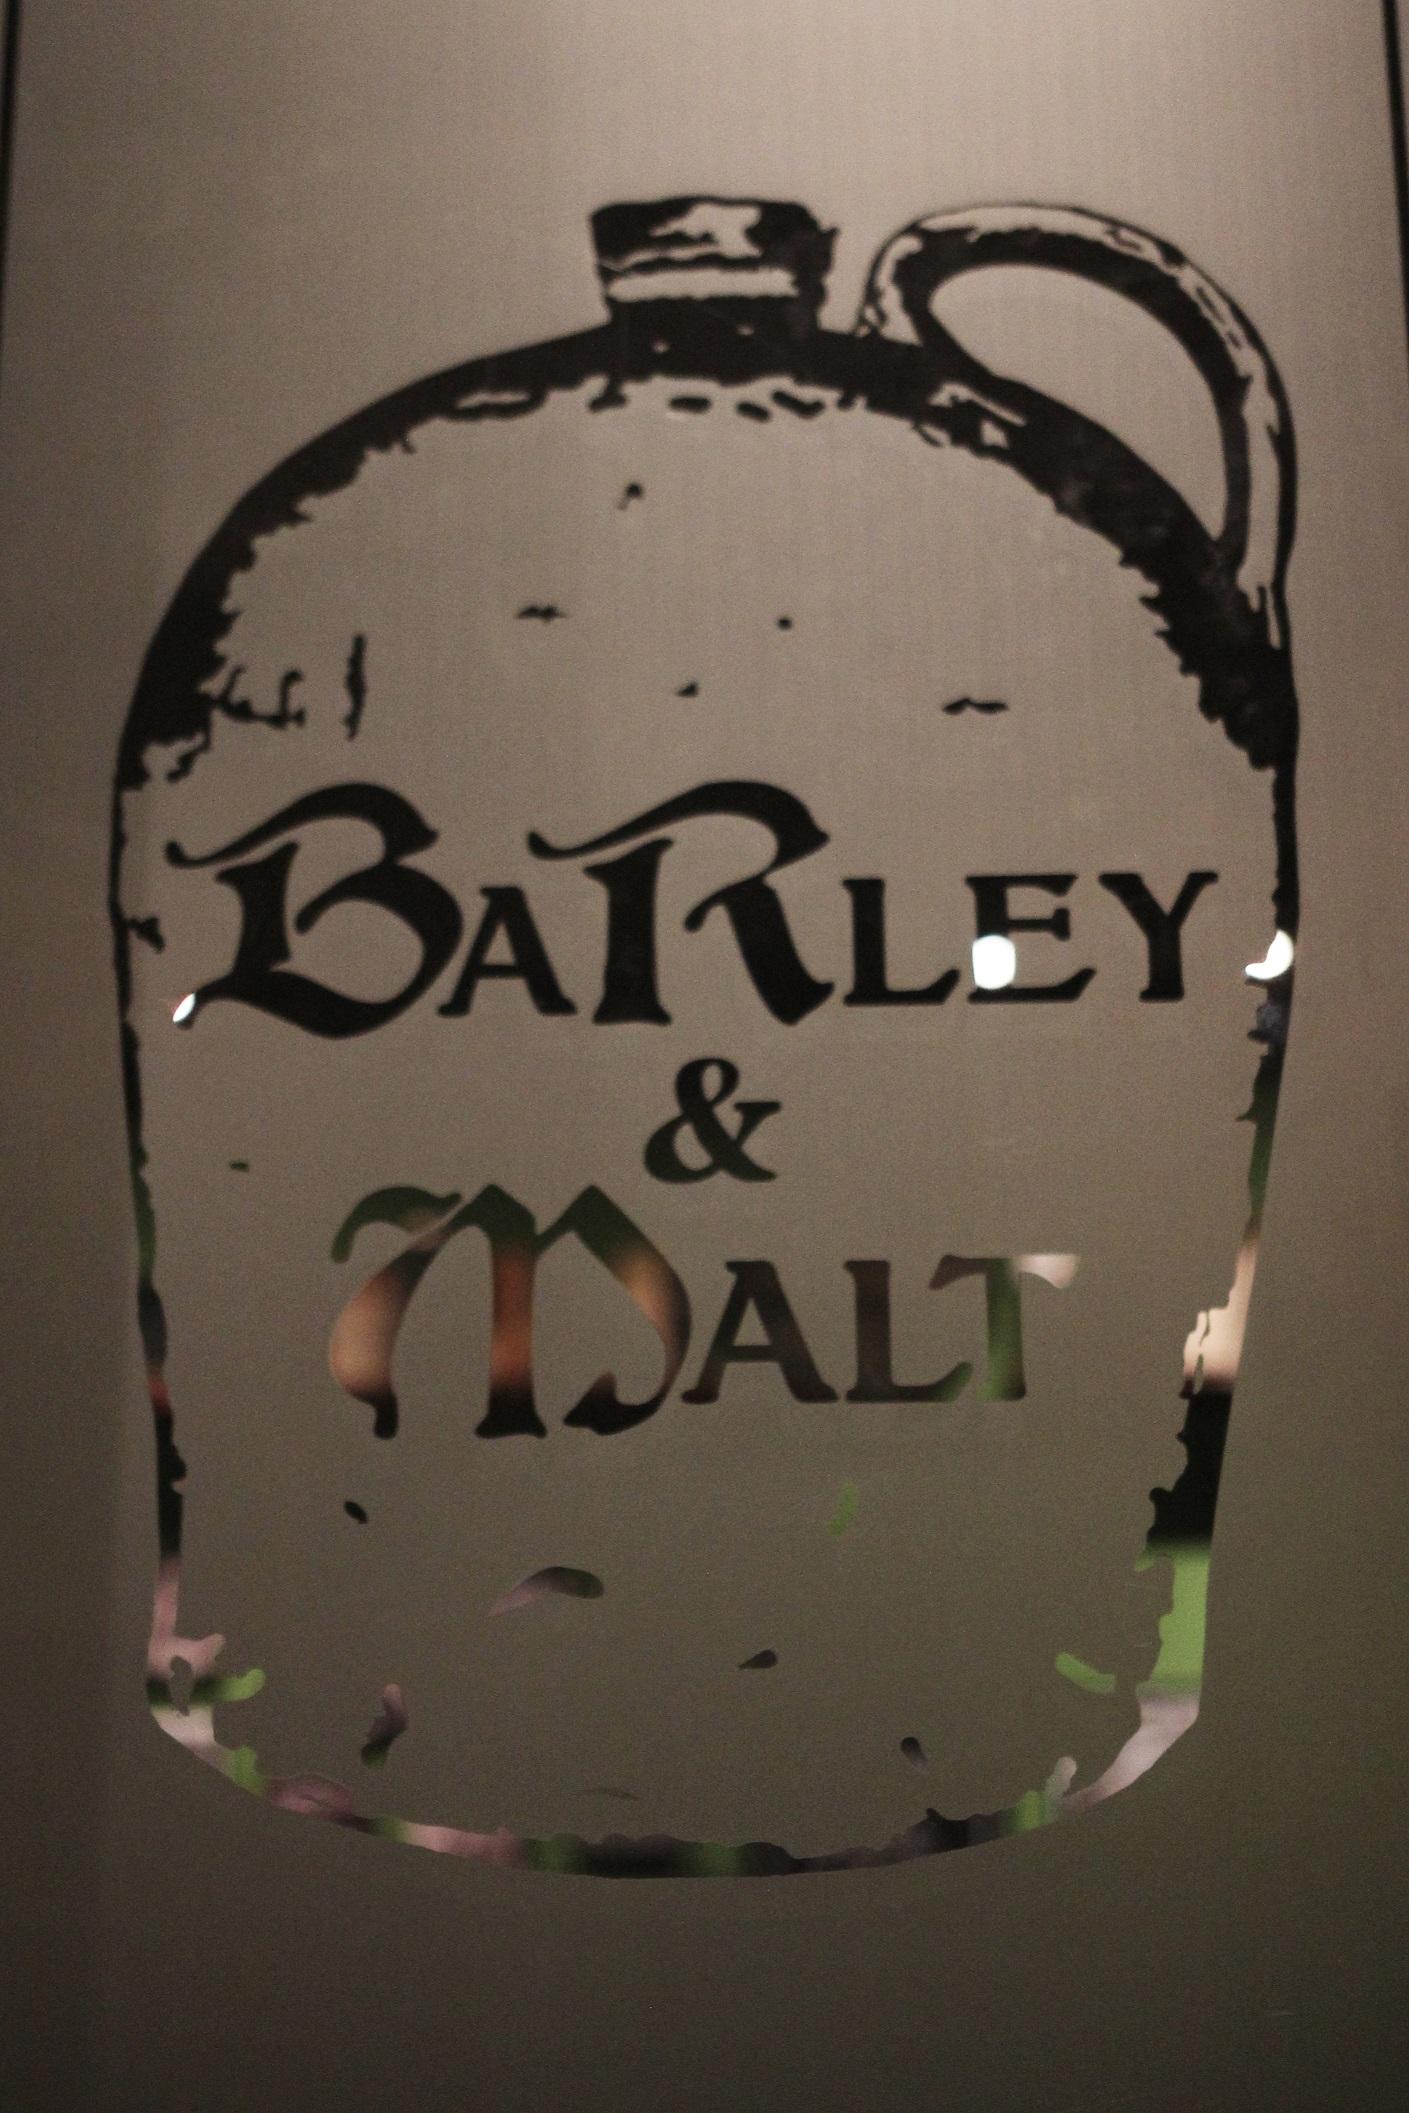 Das Barley & Malt - direkt am Rande der Hamburger Speicherstadt und unweit der Elbphilharmonie (Foto: StP)